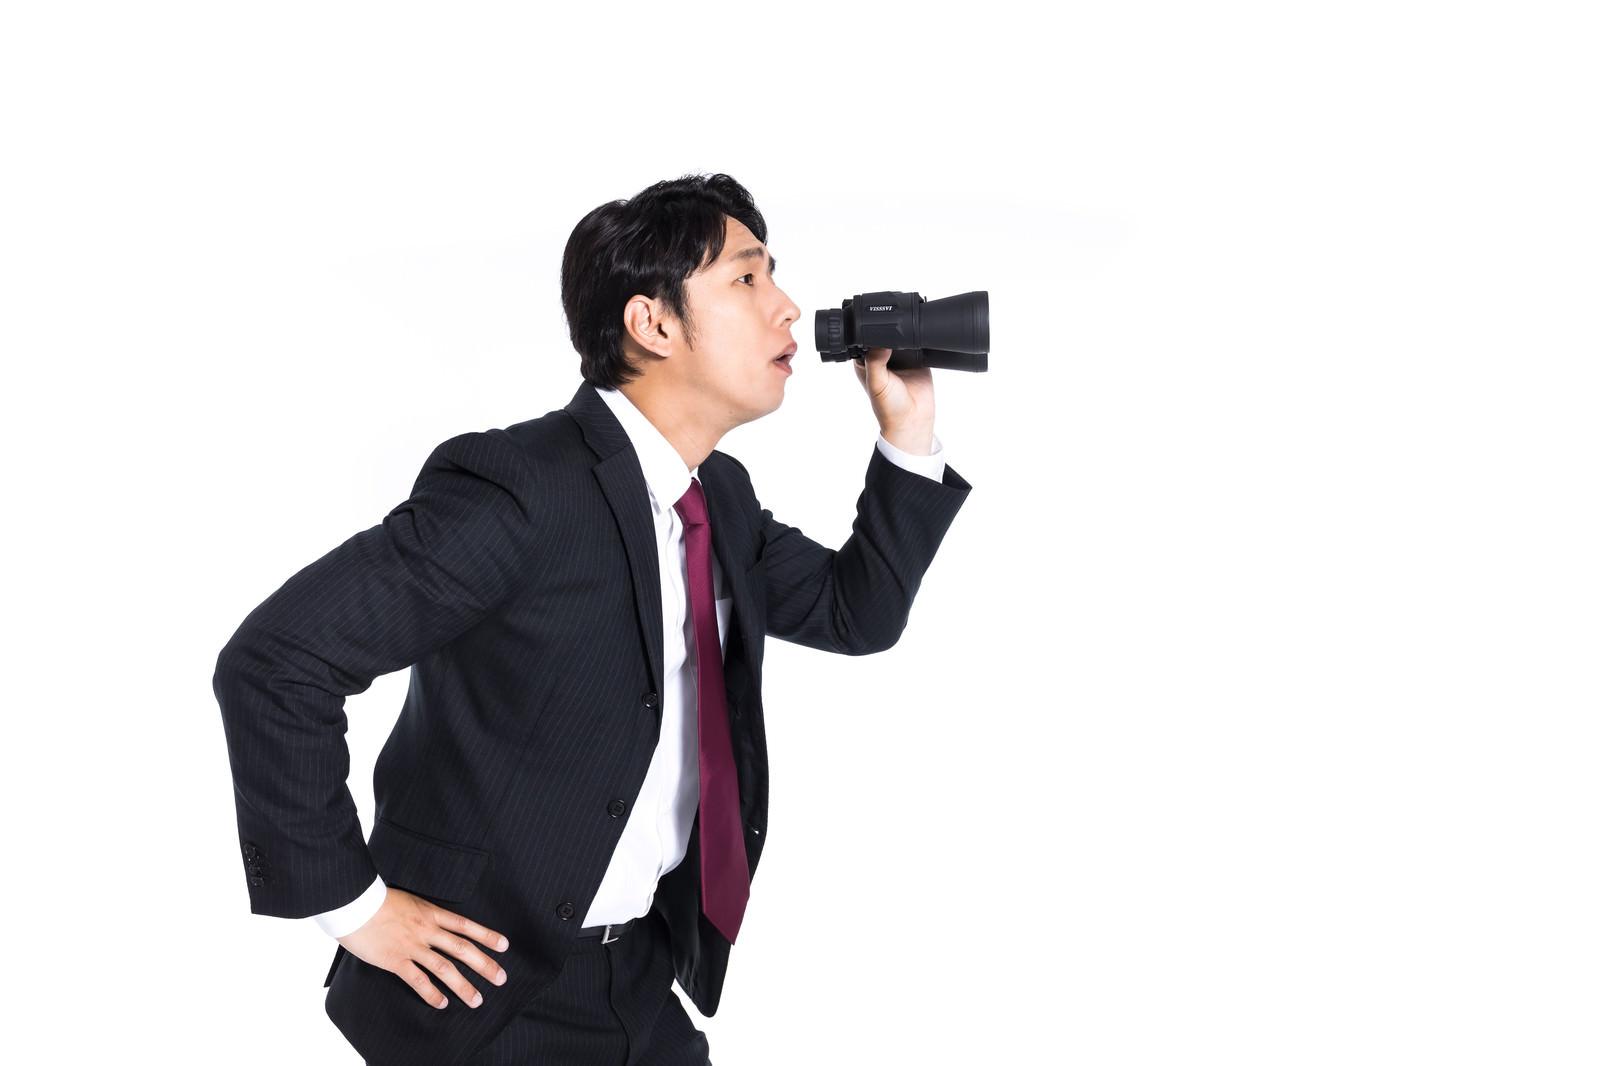 「双眼鏡を持ってサボっている従業員を監視するリーダー」の写真[モデル:大川竜弥]